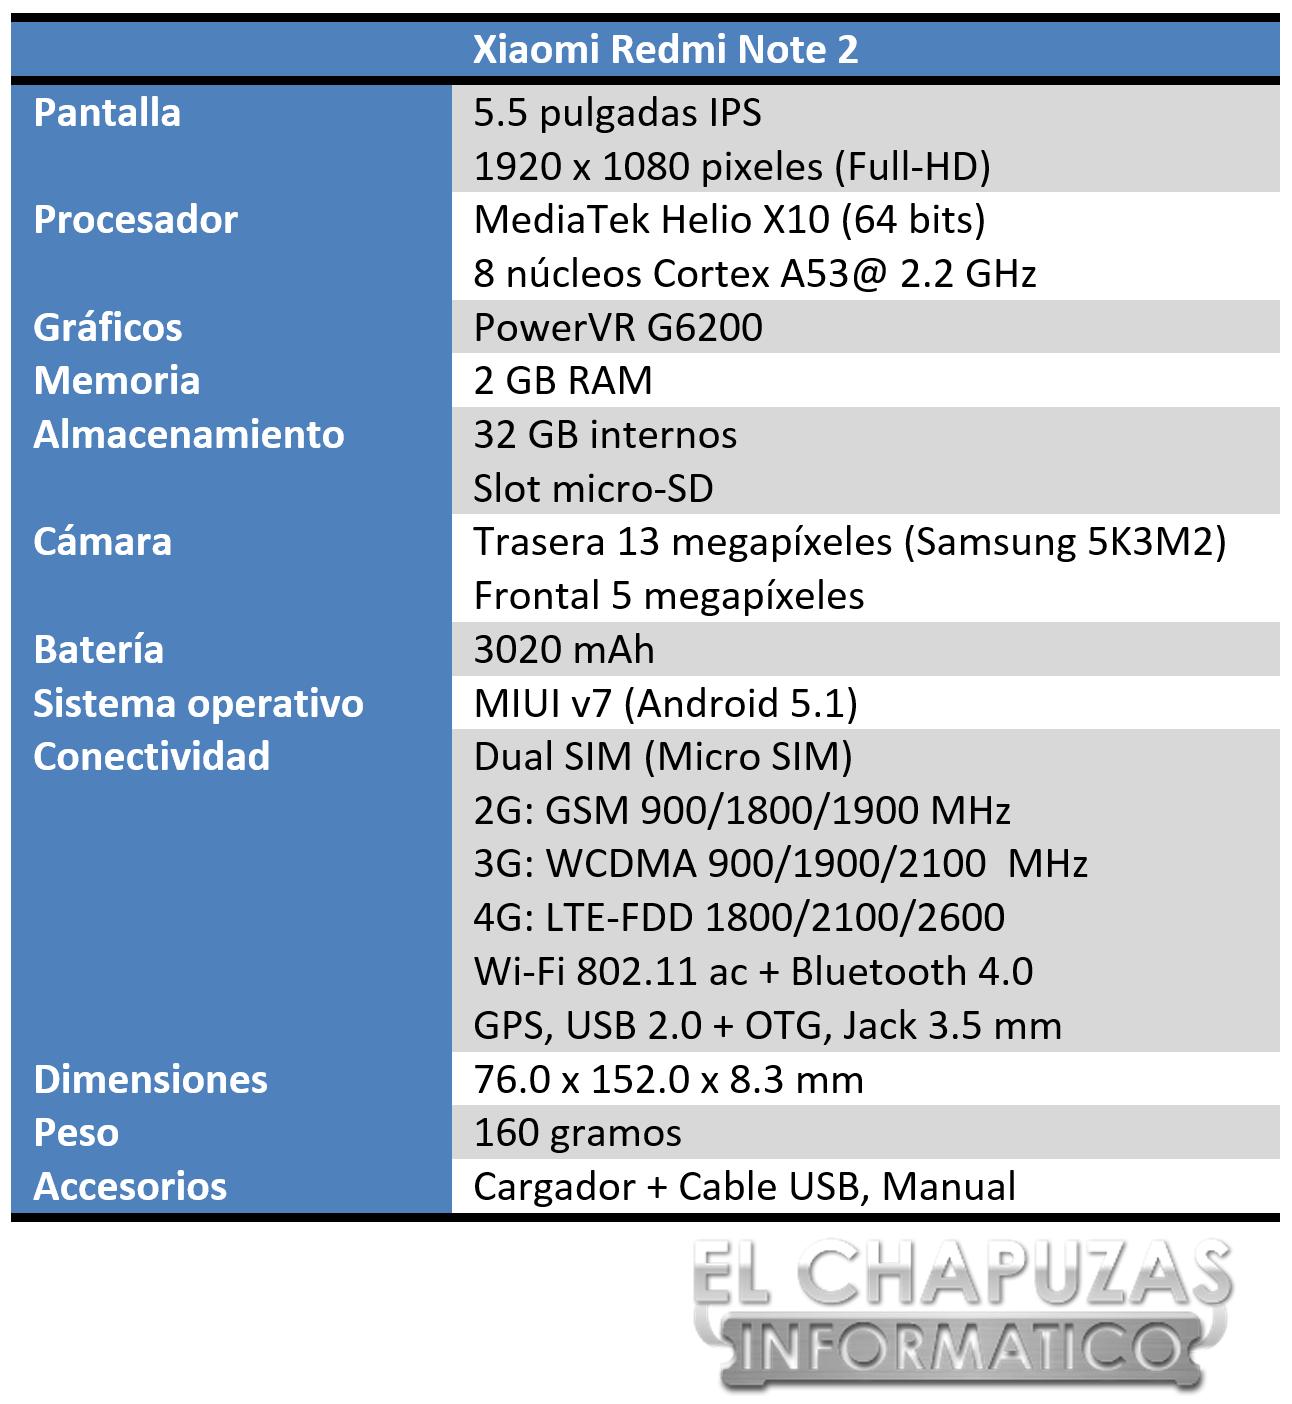 Xiaomi Redmi Note 2 Especificaciones